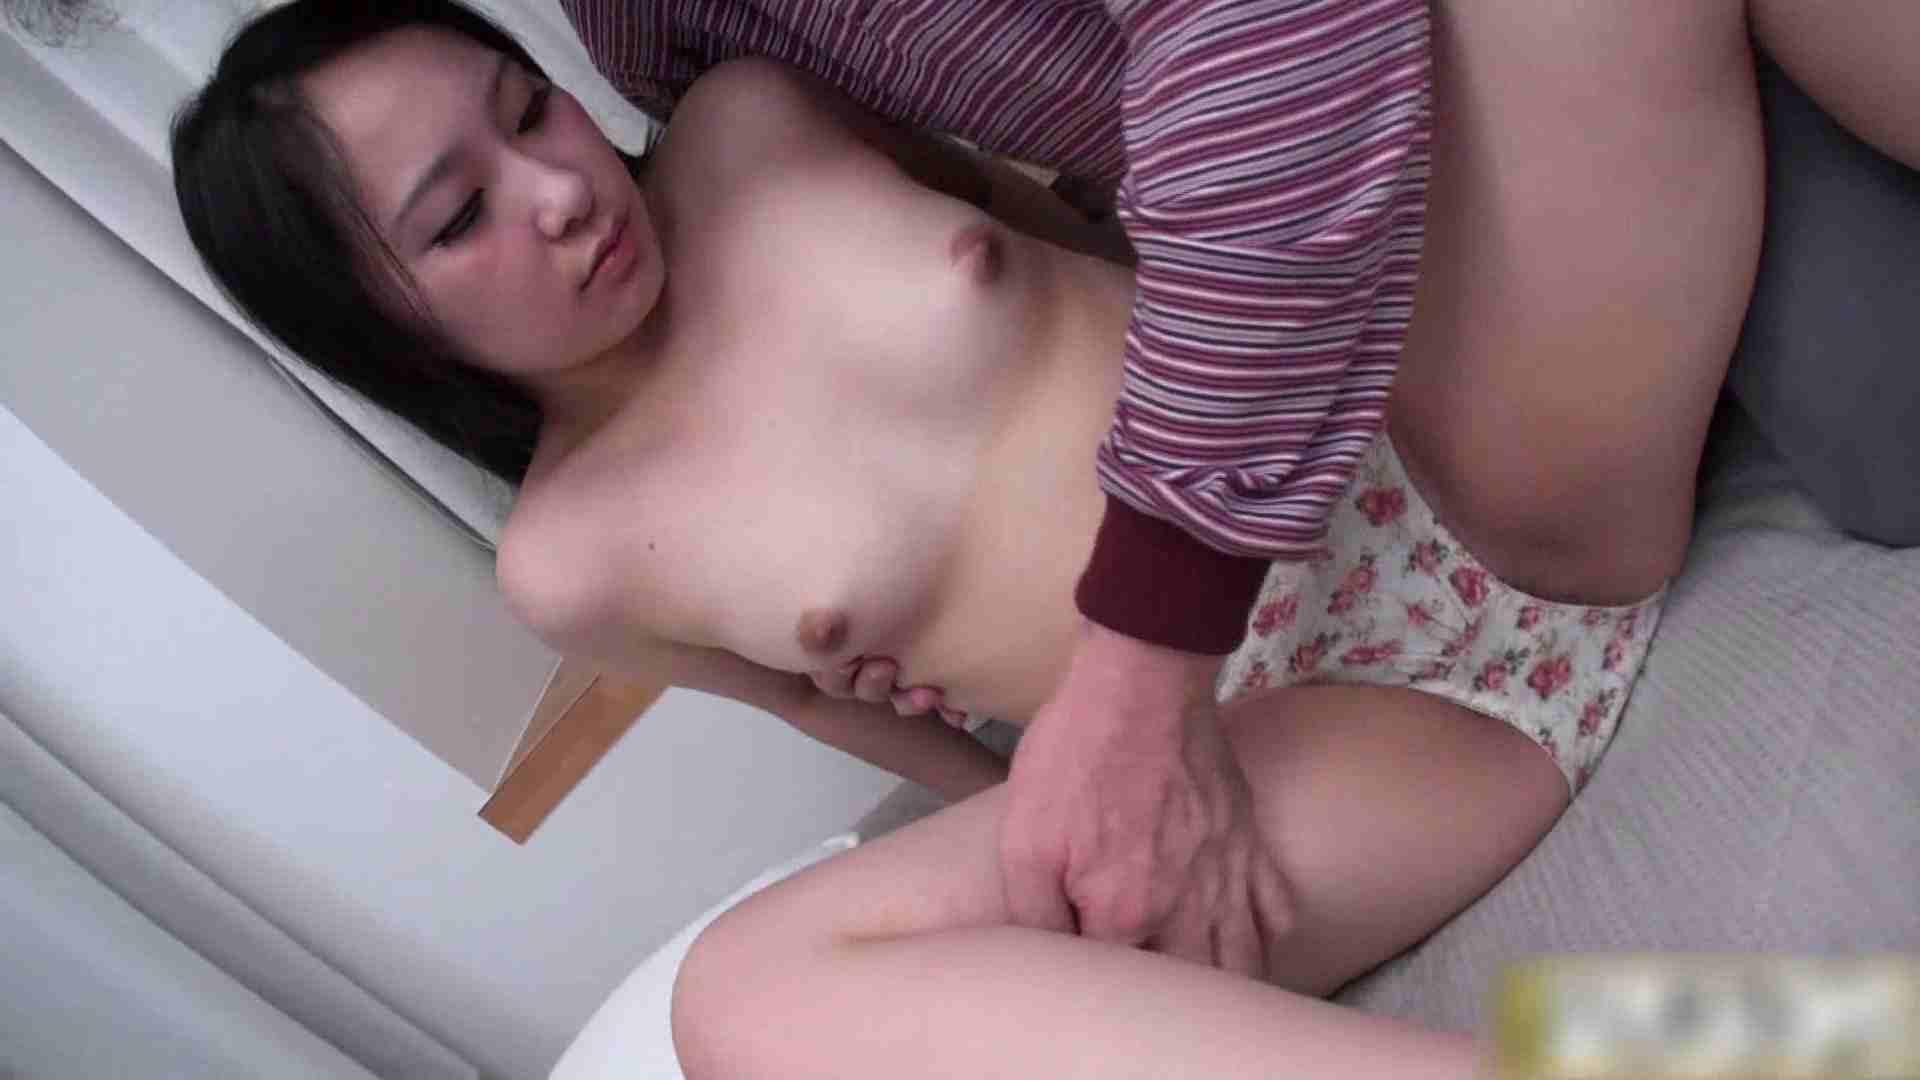 おしえてギャル子のH塾 Vol.12 前編 フェチ   一般投稿  56pic 26